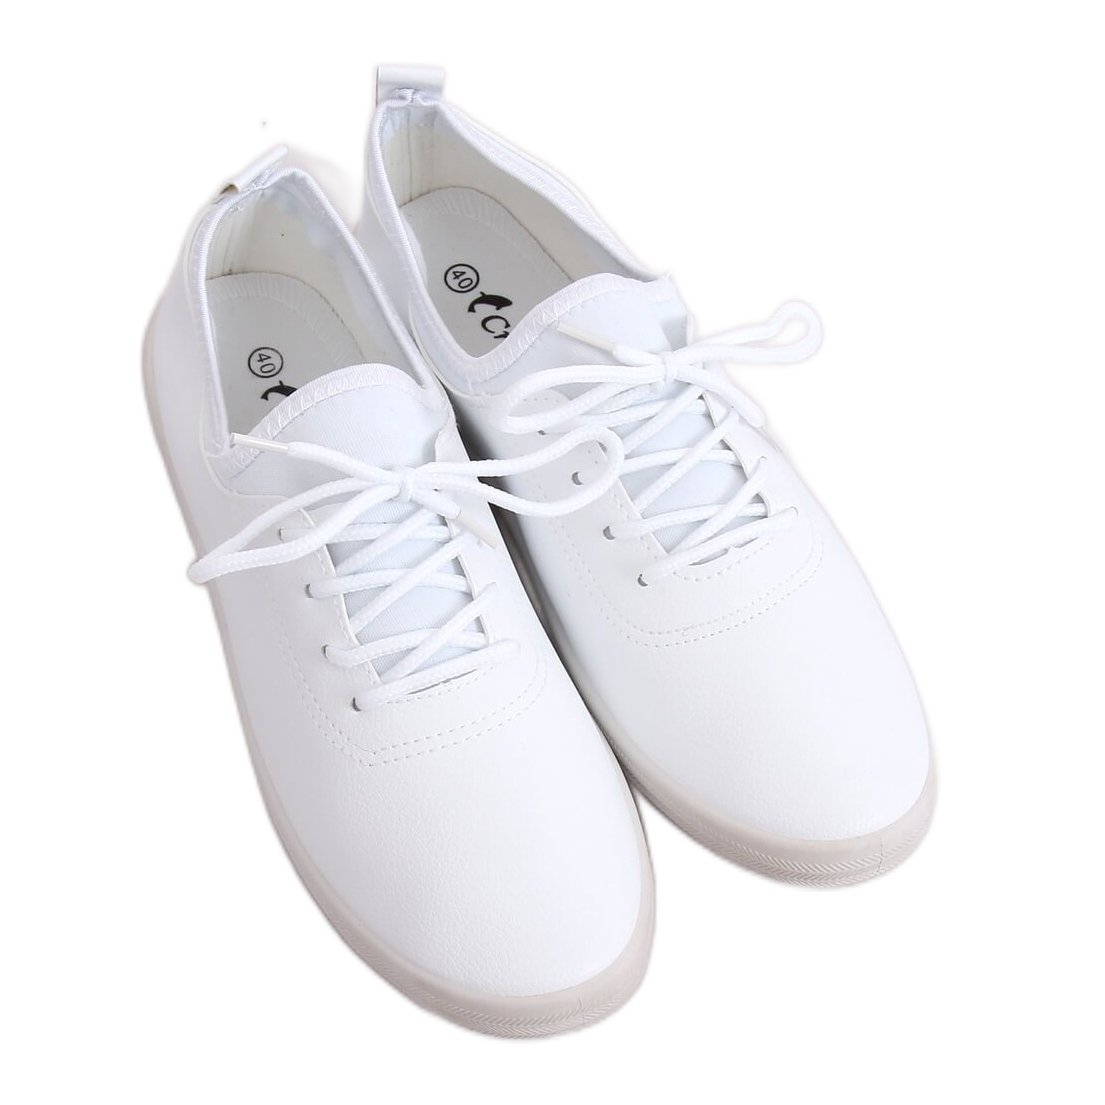 Tenisówki damskie białe W9782 White